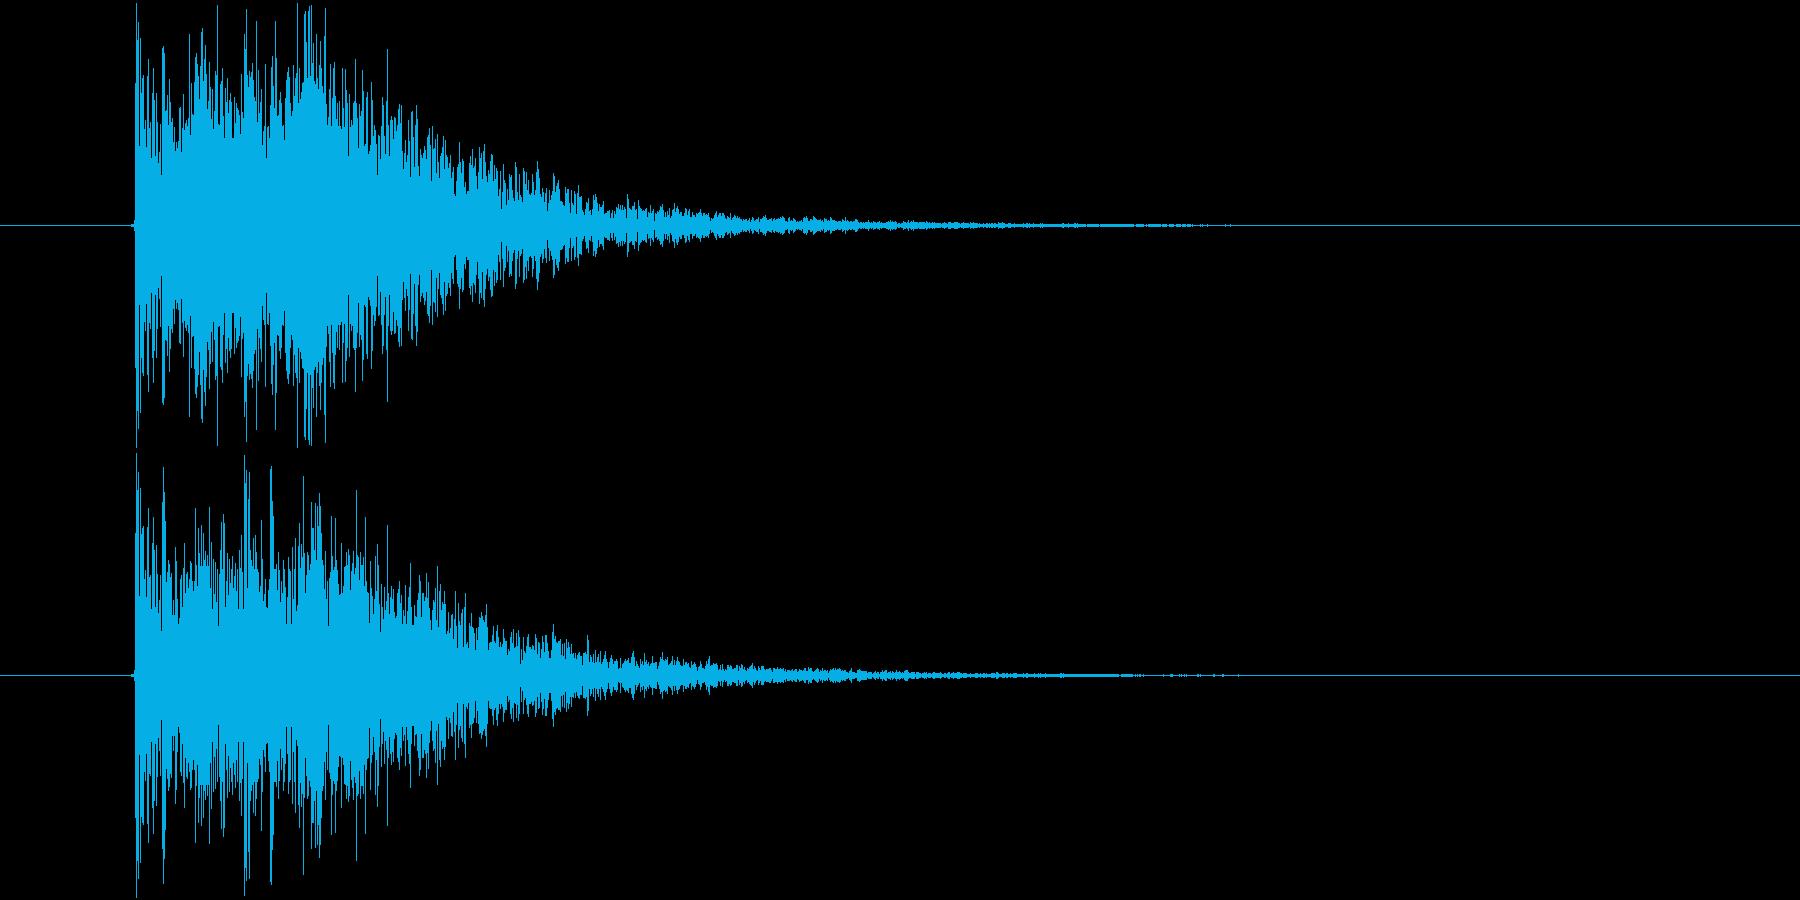 カカン 拍子木 2連打 速めの再生済みの波形